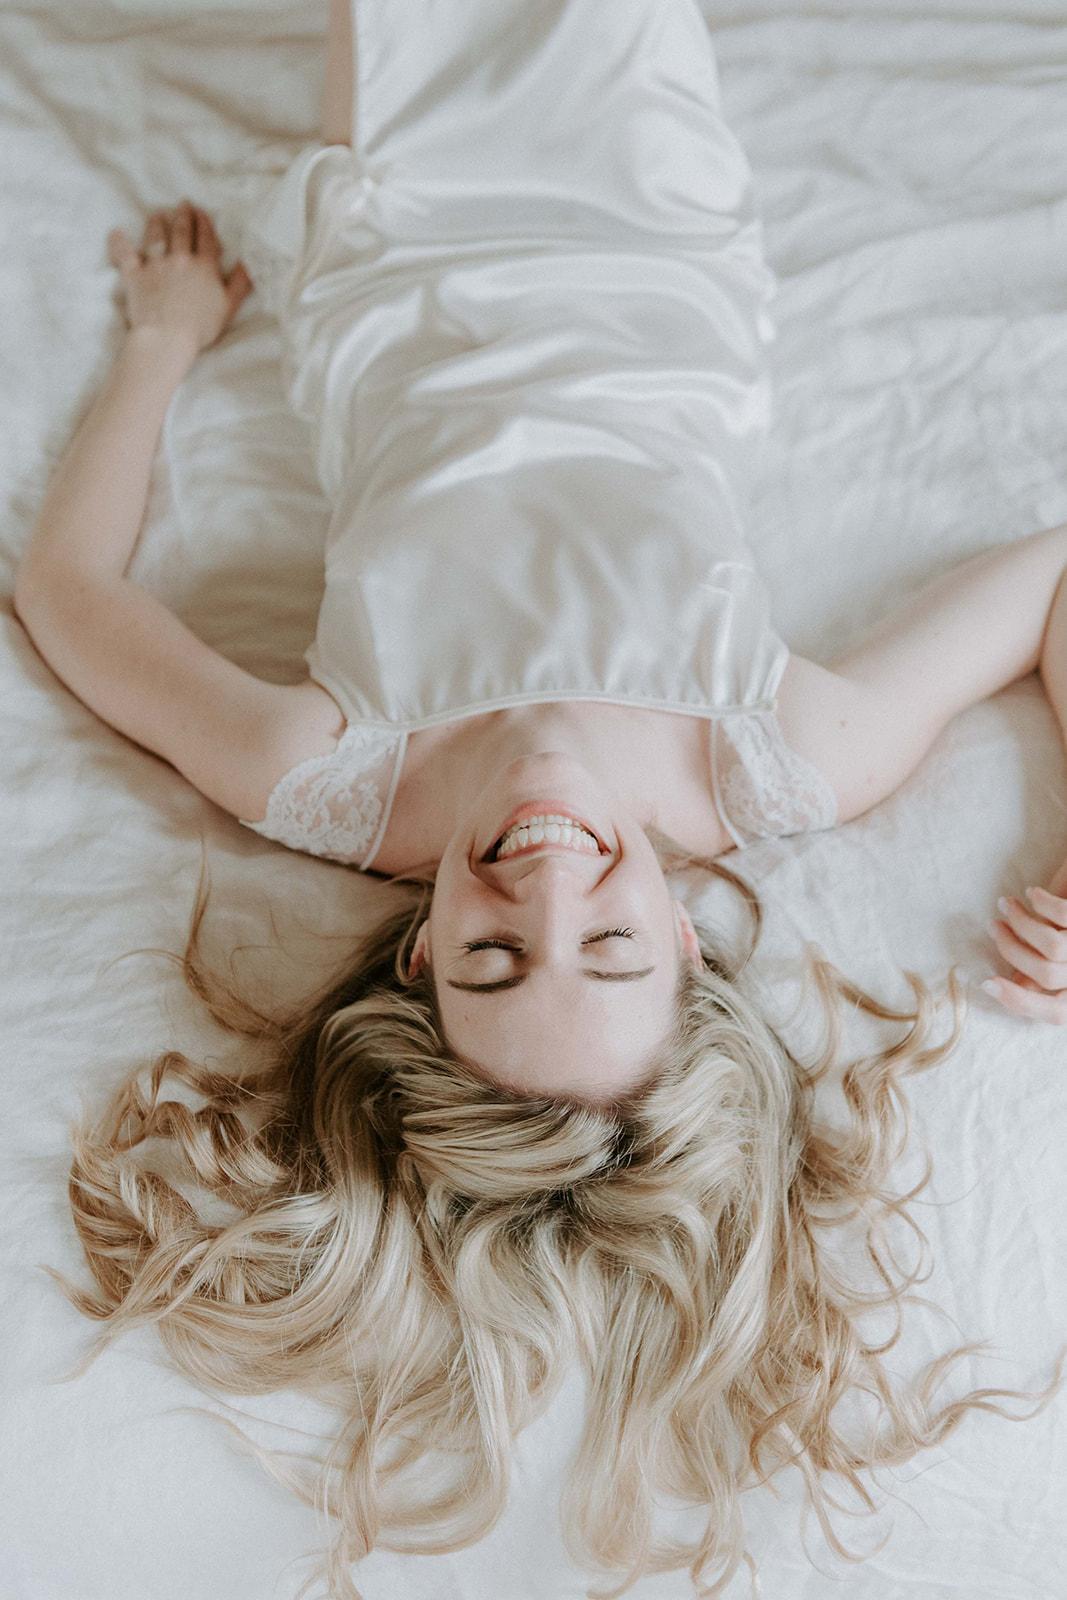 Conseils beauté pour les futures mariées | Blandine Soulage | La Mariée Sous Les Etoiles